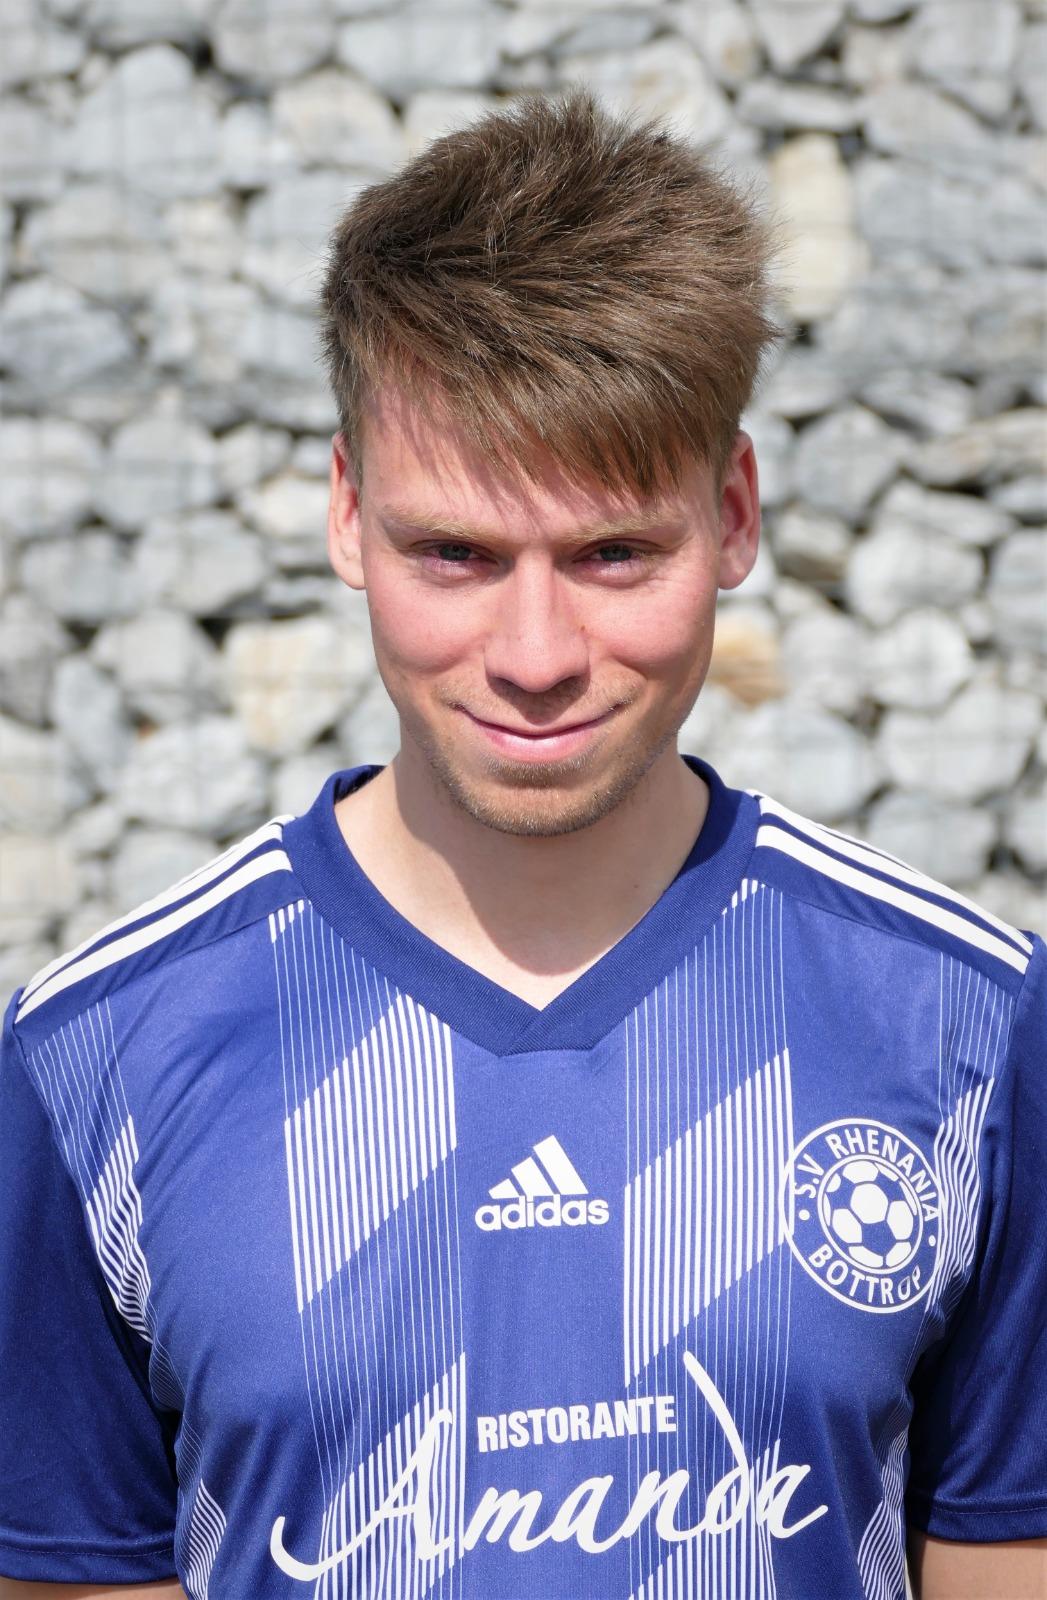 Simon Ratmer